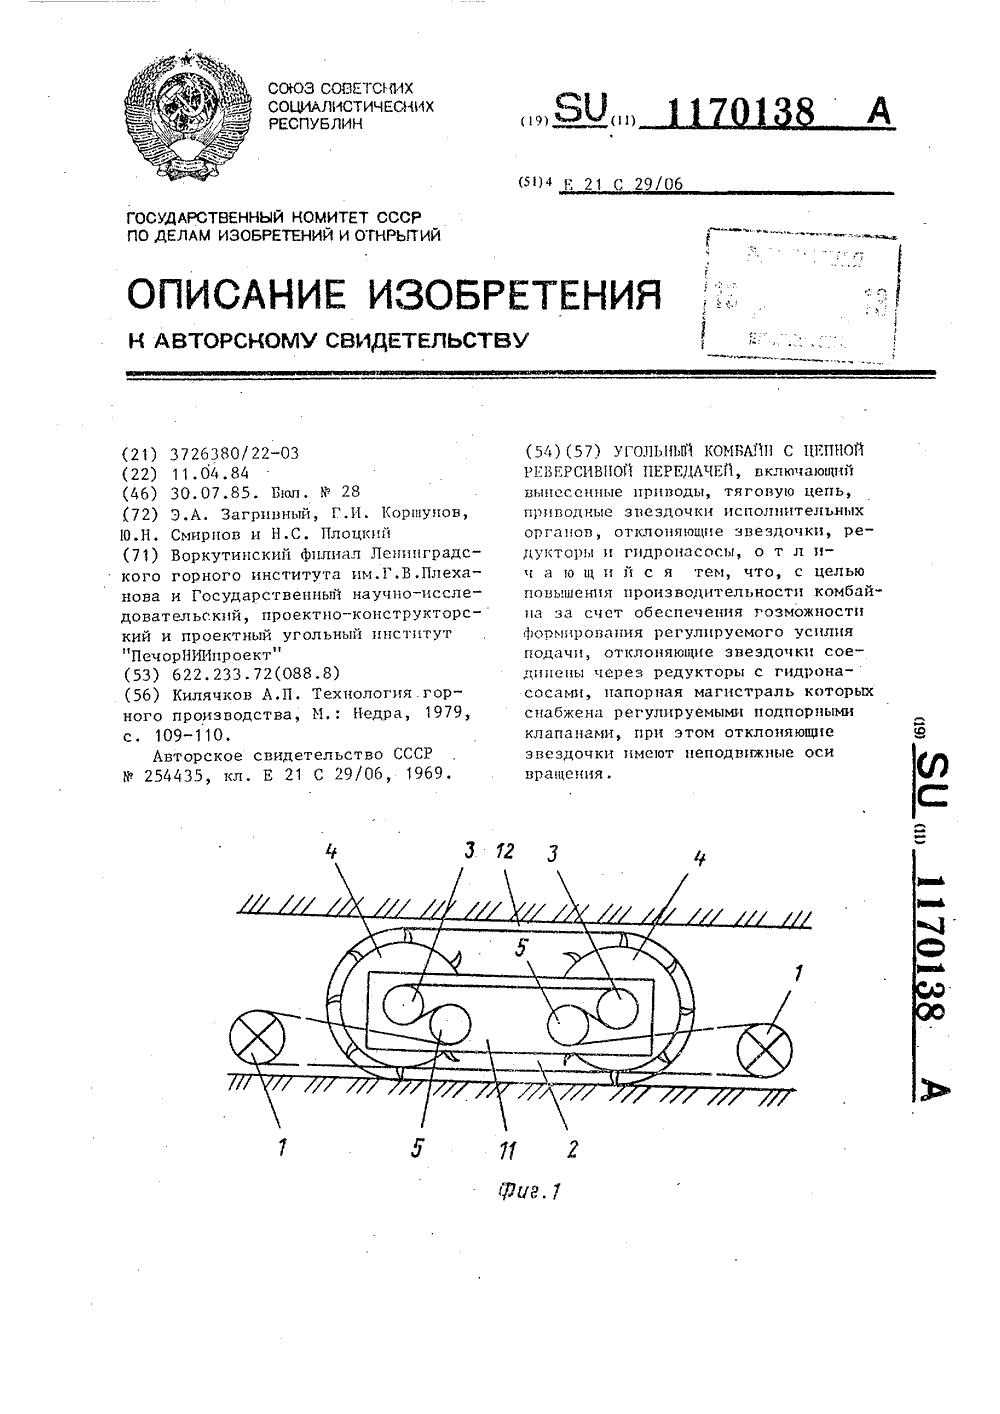 схема натяжного ролика цепной передачи